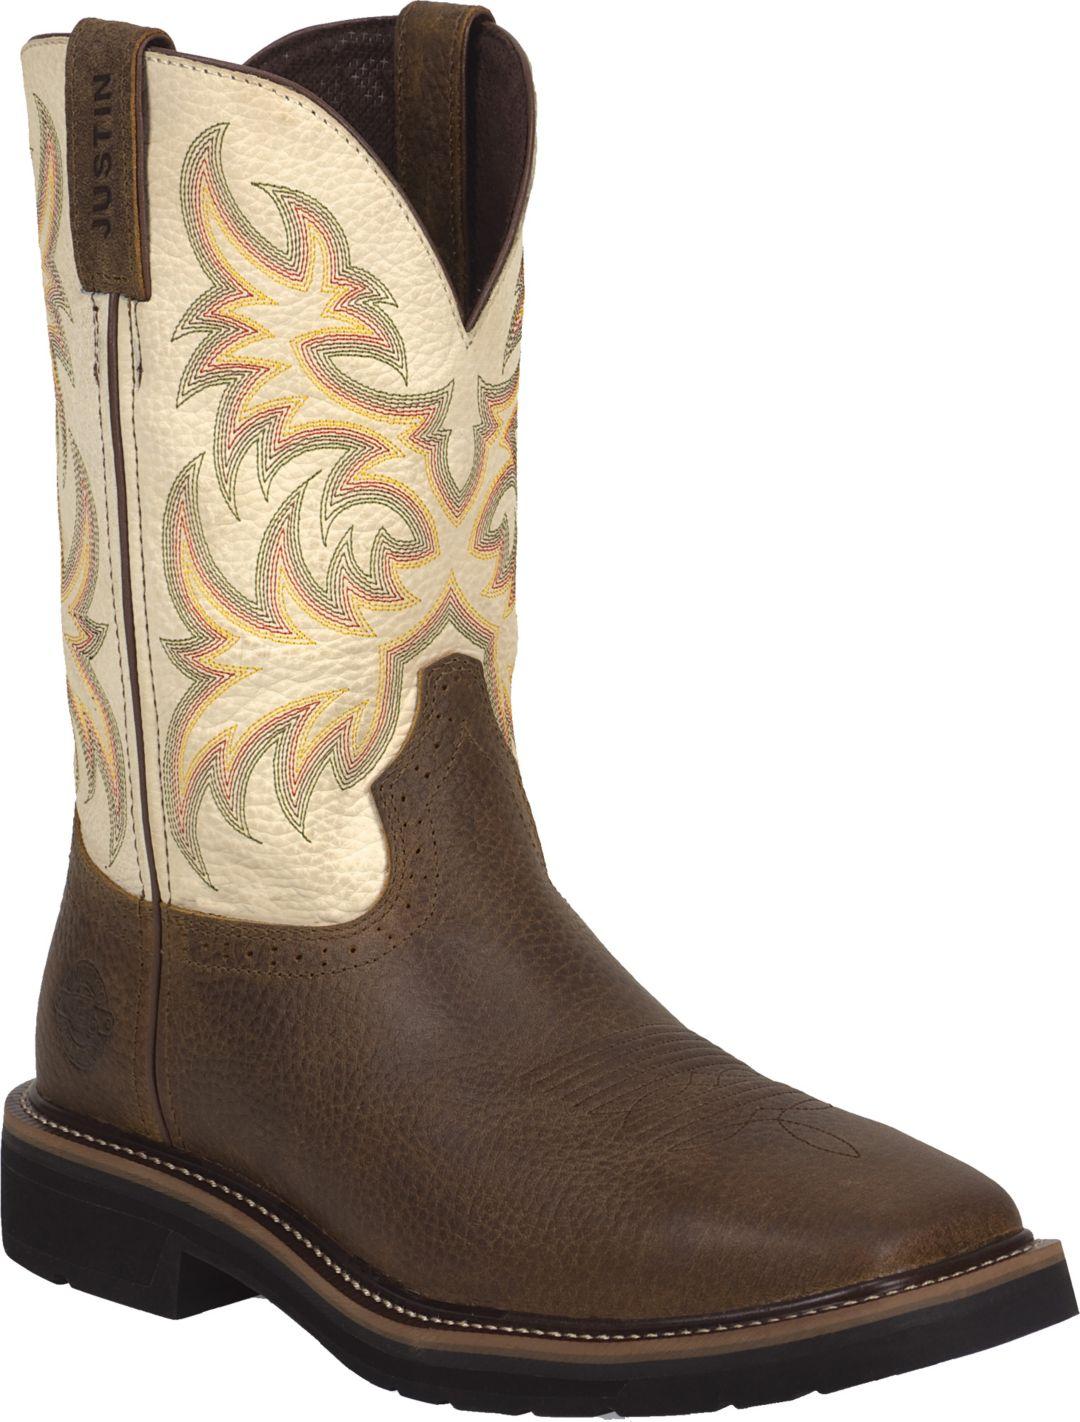 1883ee29ba8 Justin Men's Stampede Square Toe EH Work Boots